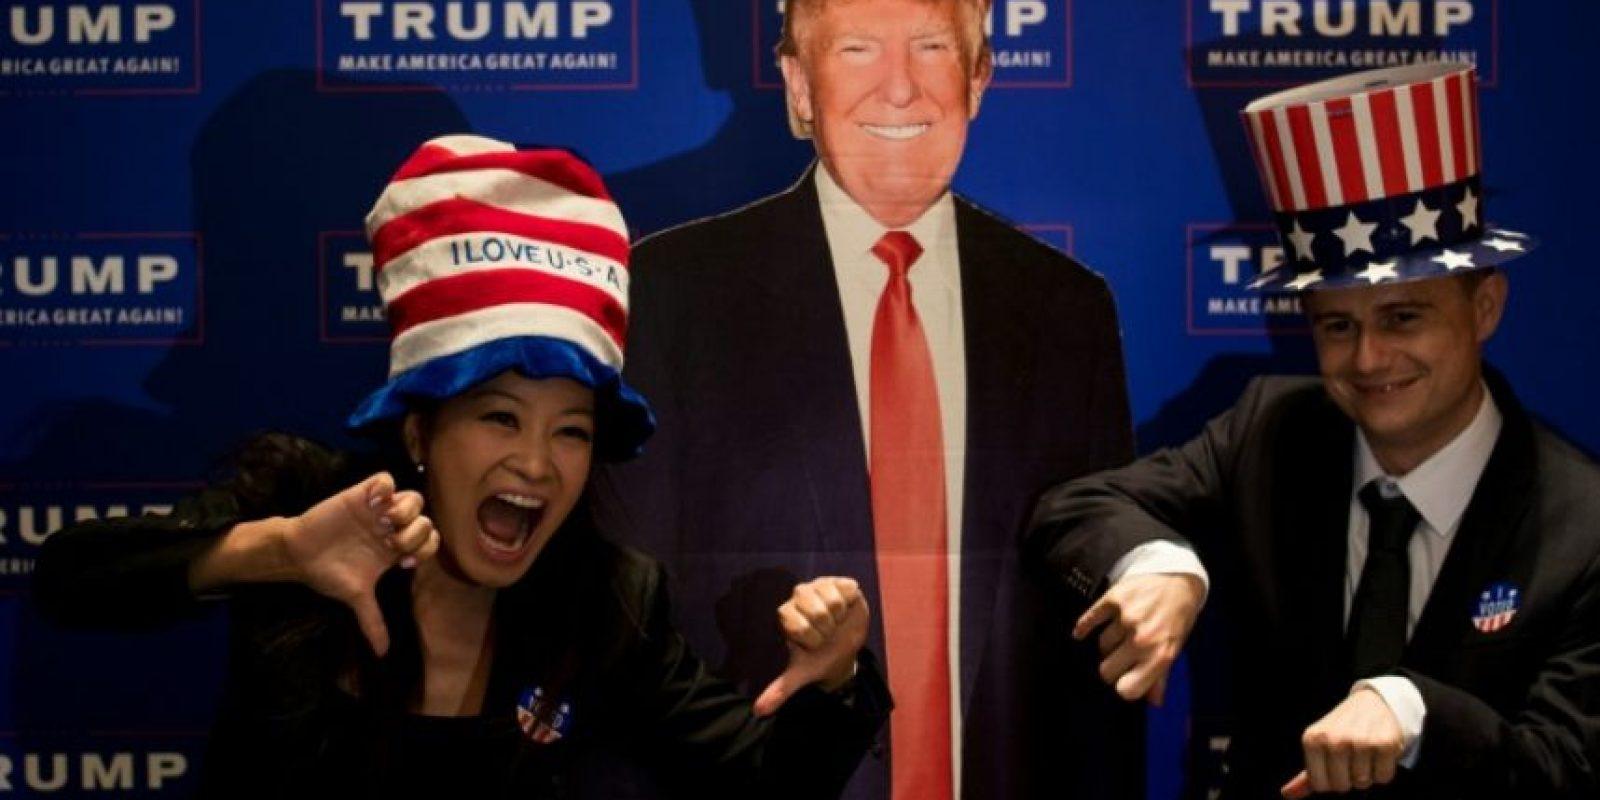 Una pareja posa junto a una imagen de Donald Trump, el 9 de noviembre de 2016 en el Consulado de EEUU en Shangái Foto:Johannes Eisele/afp.com